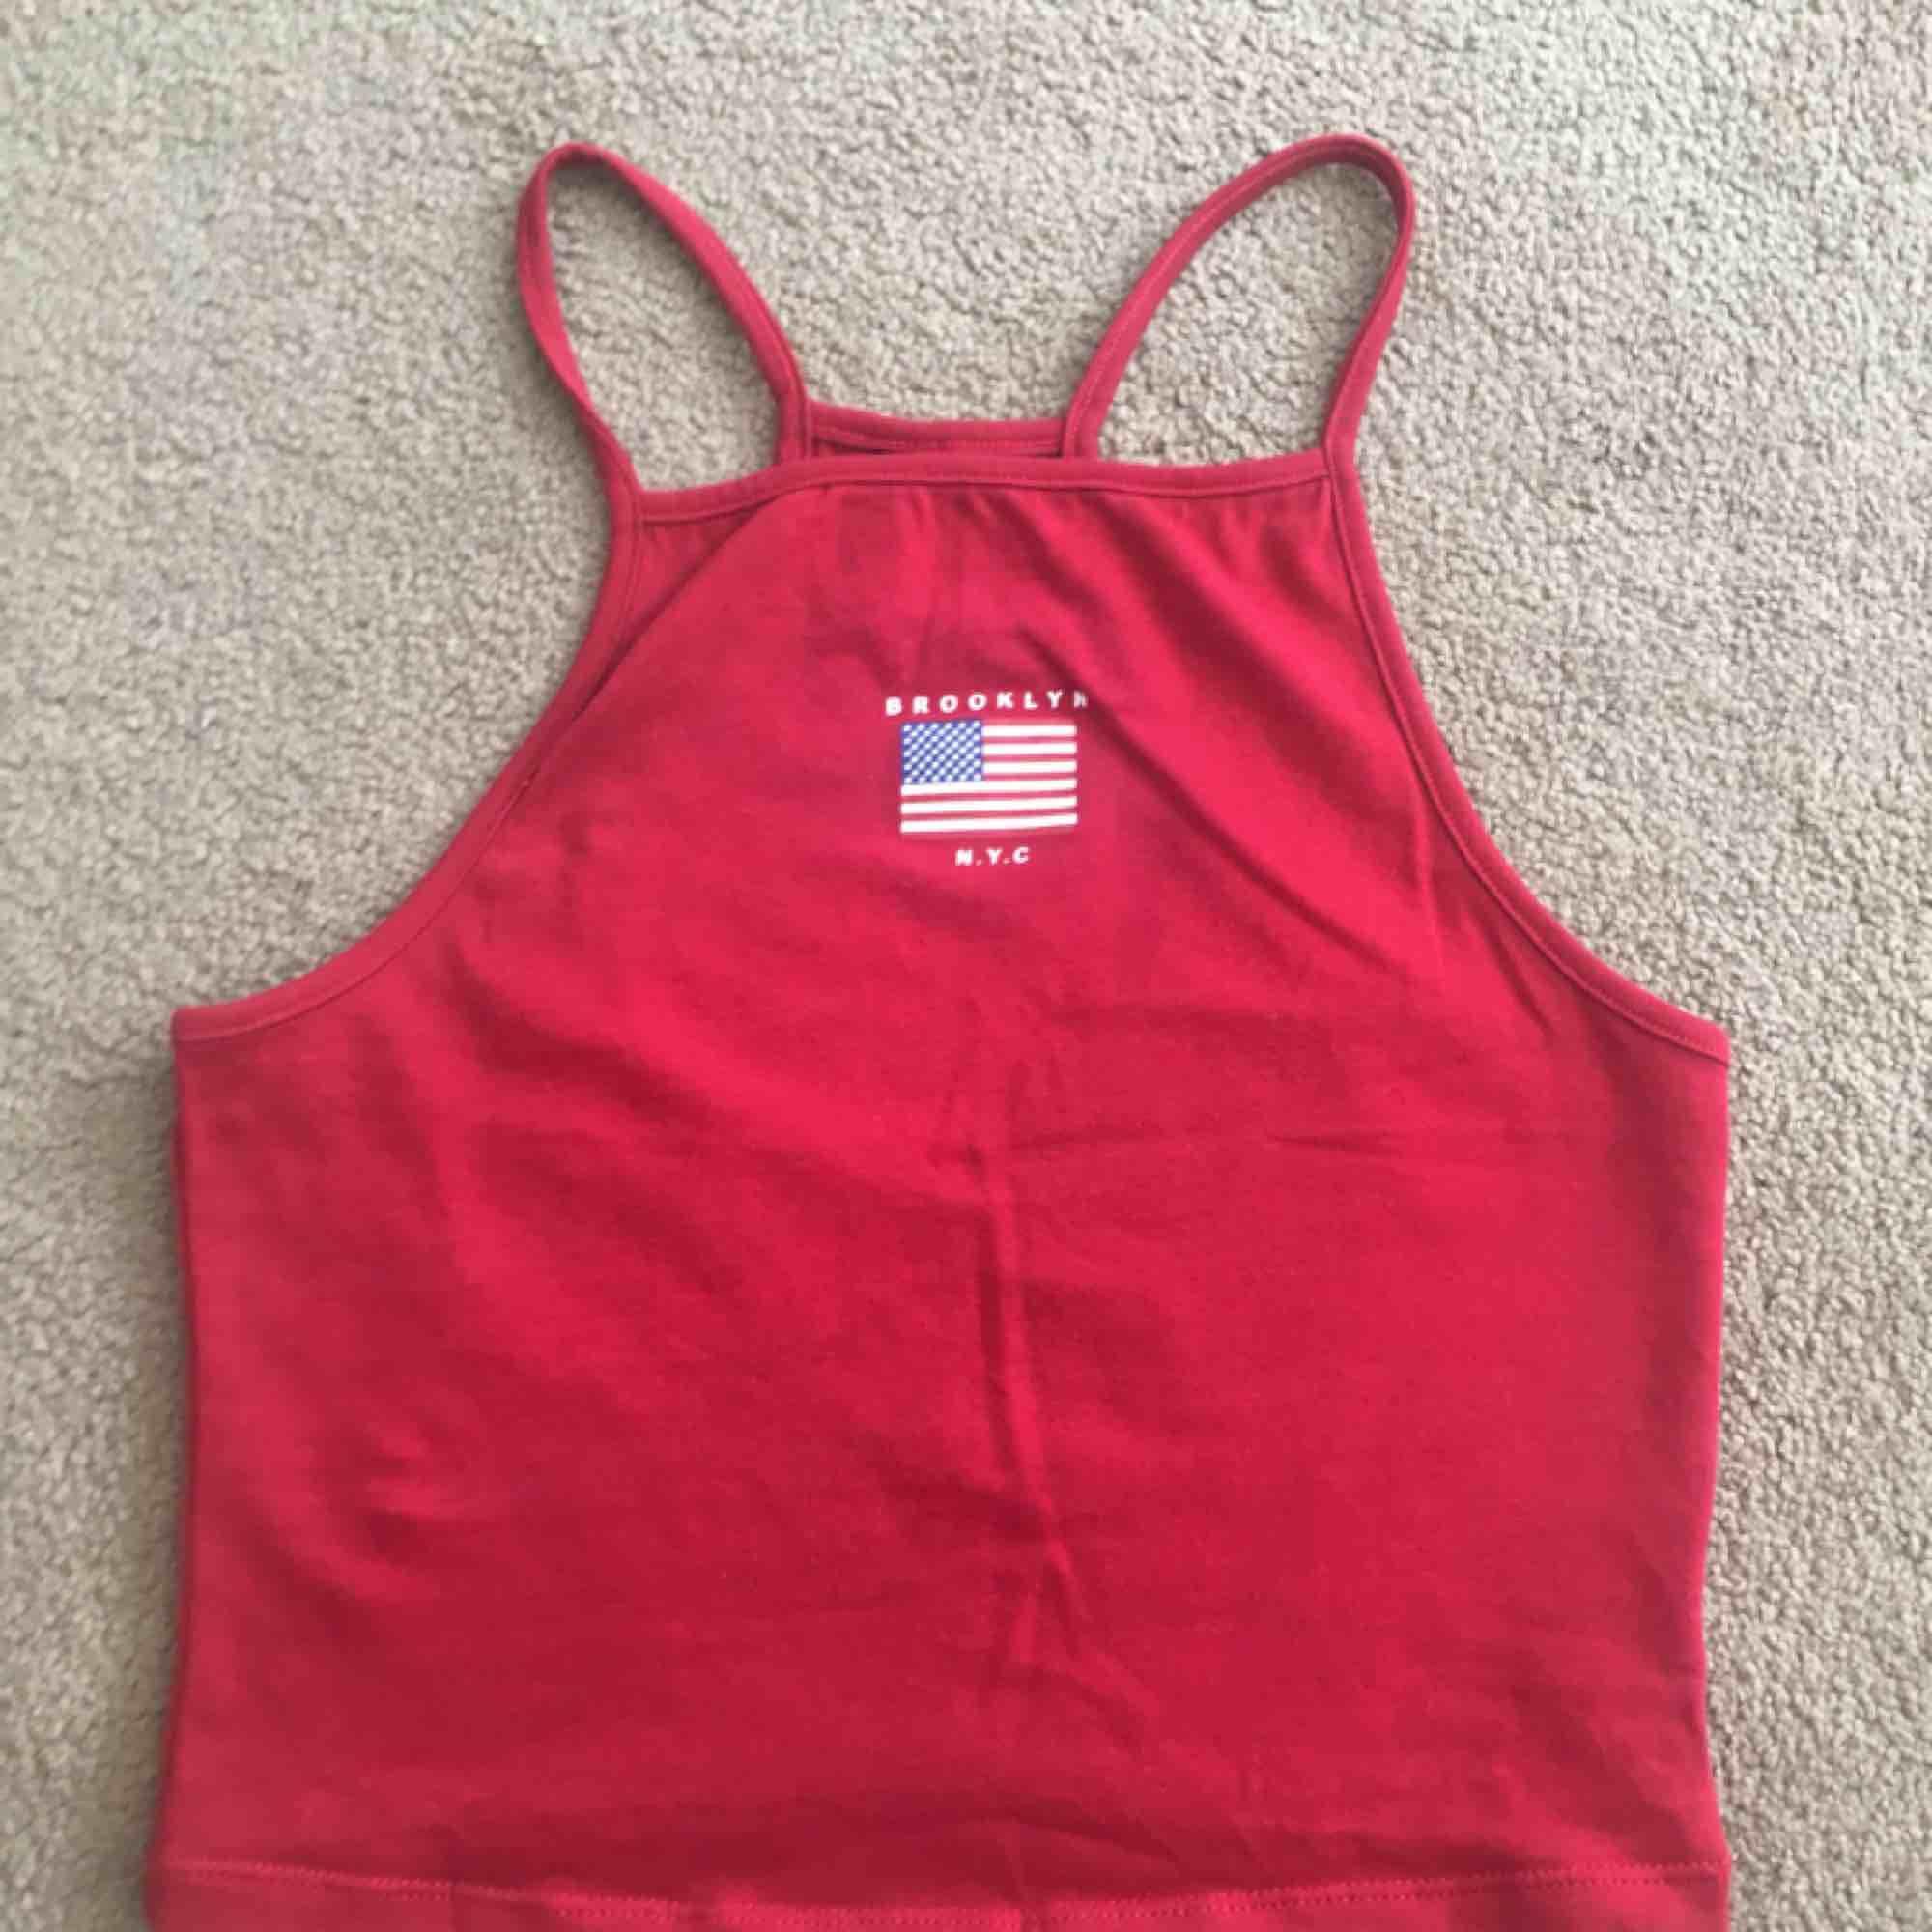 Jag säljer detta röda linnet ifrån hm, då det aldrig kommer till användning och därav väldigt fint skick. Skicka privat för fler bilder eller intresse. Vi kan även komma överens om ett bra pris, köparen står för frakten!. Toppar.